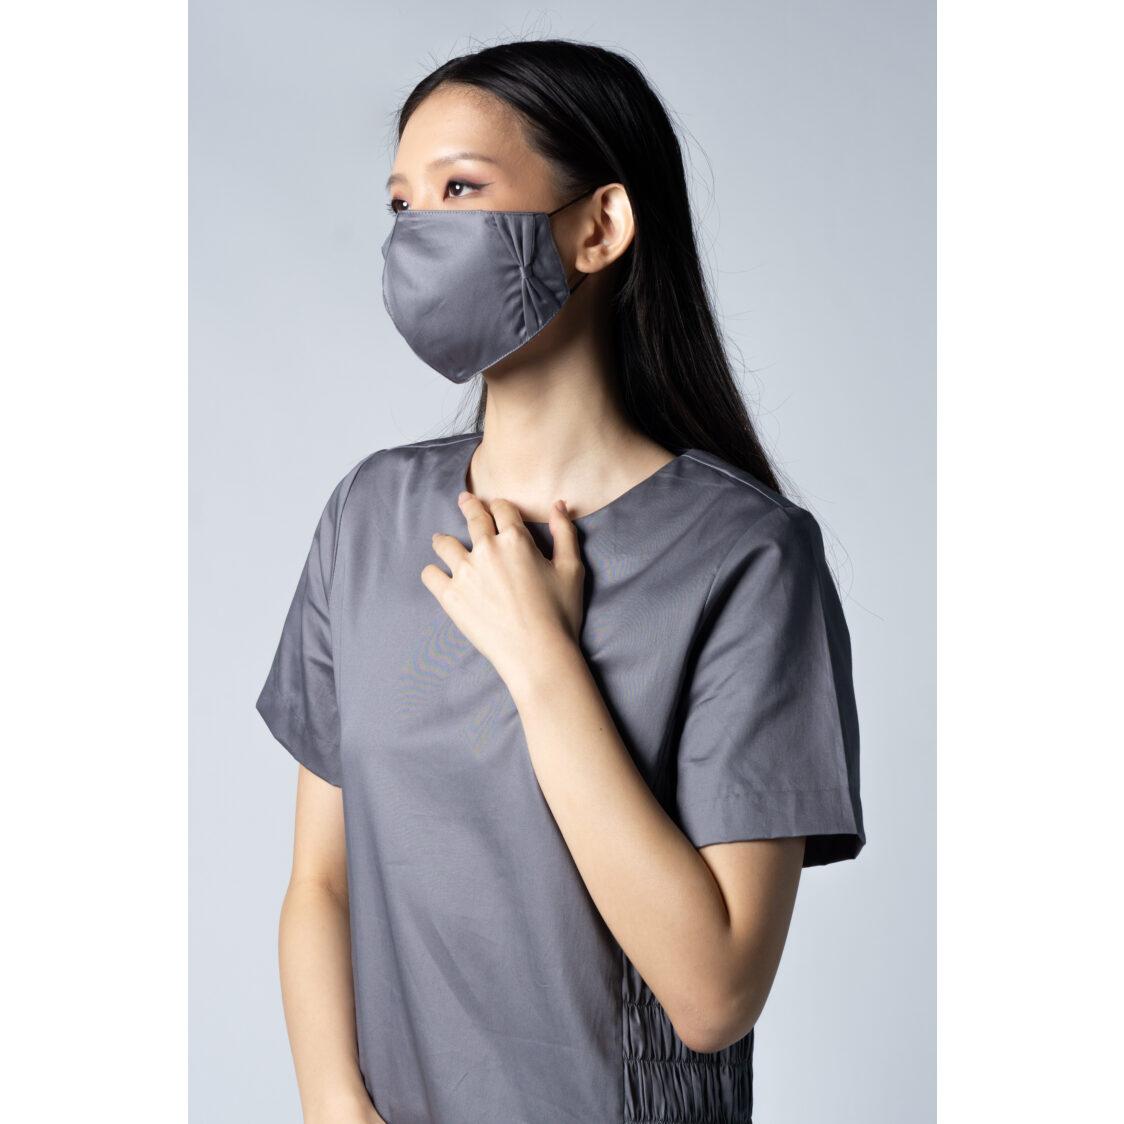 Kurt Woods Ribbon Bow Face Mask Grey Kw7486fm-r2 Free Size